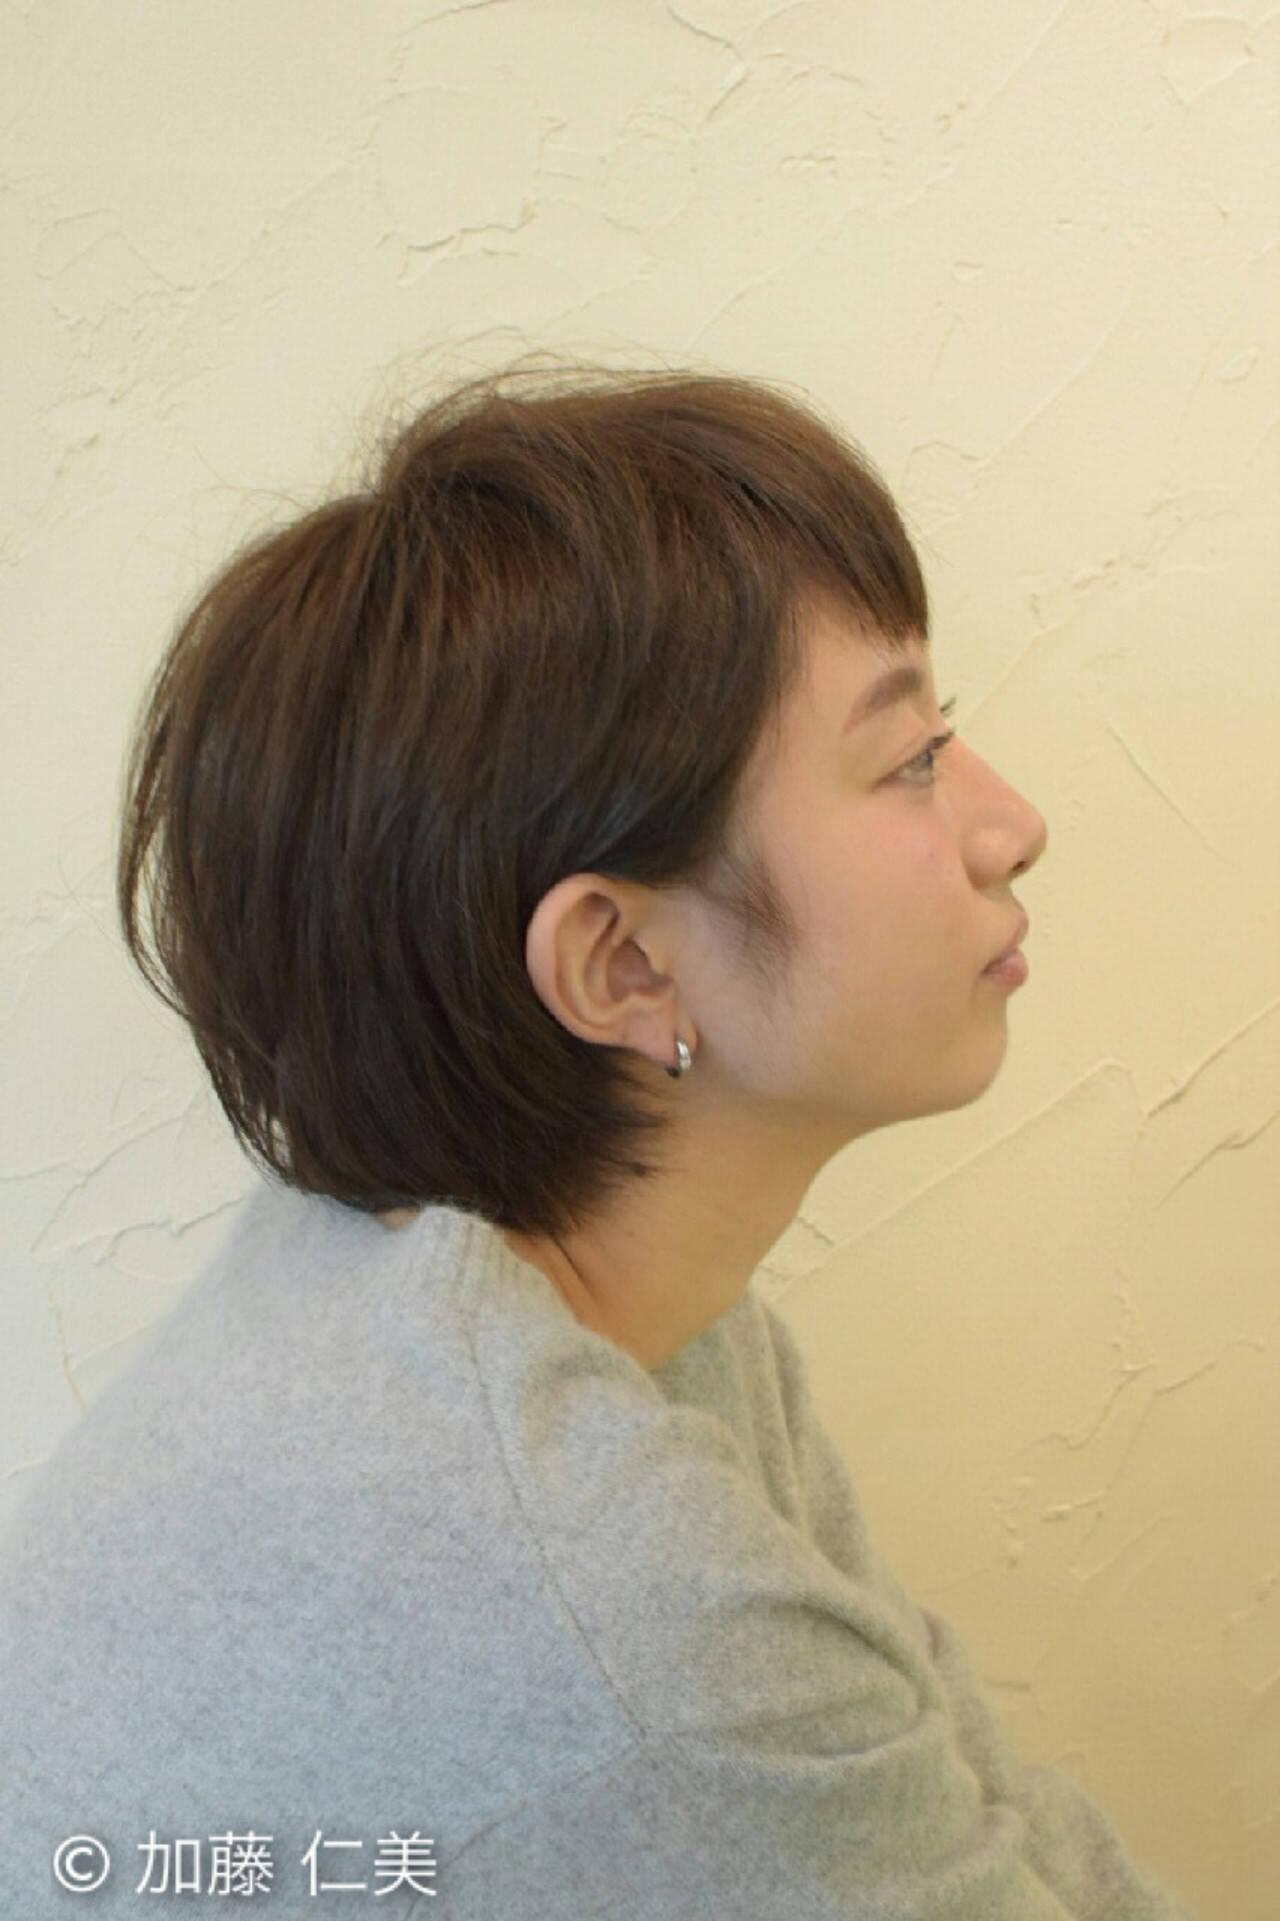 マッシュ 耳かけ ショートバング 小顔ヘアスタイルや髪型の写真・画像